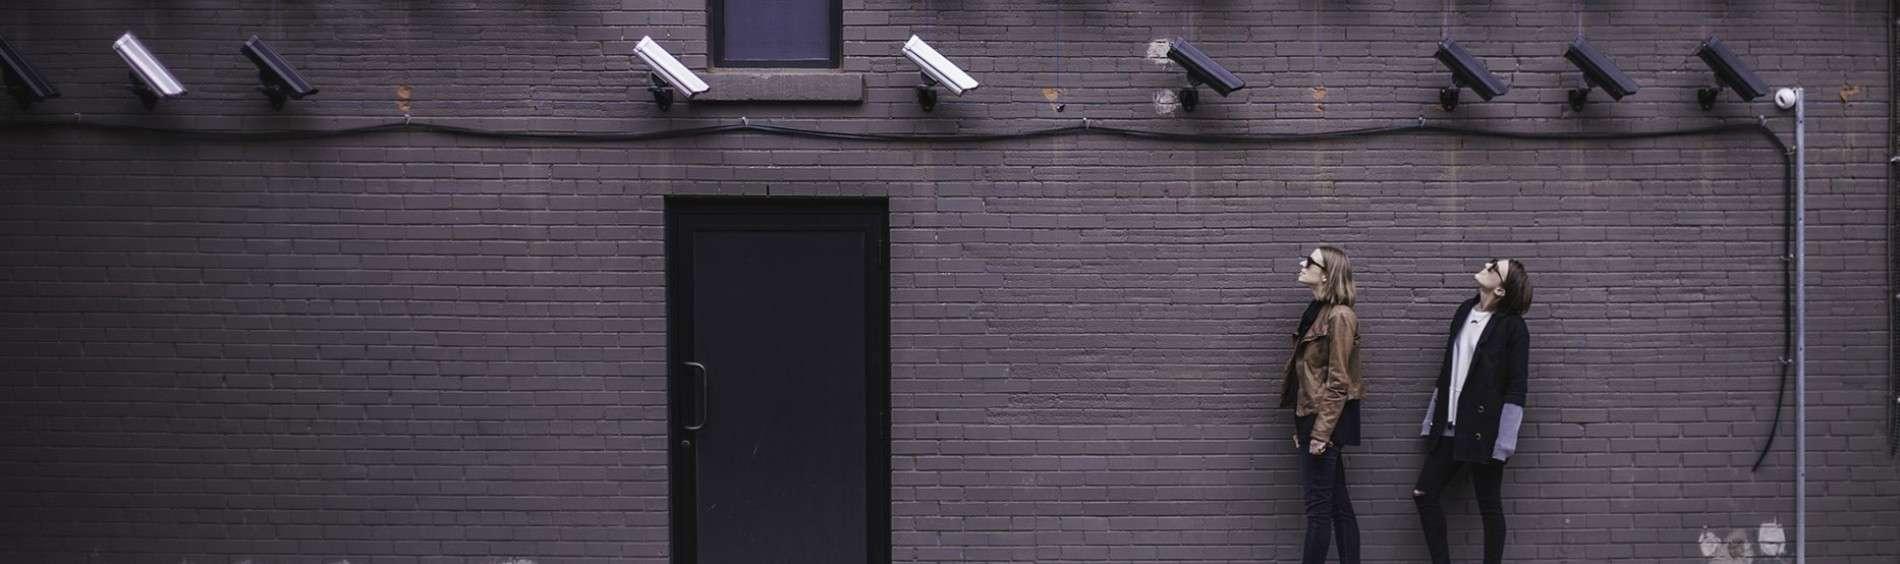 Aan de ondernemingen voor camerasystemen